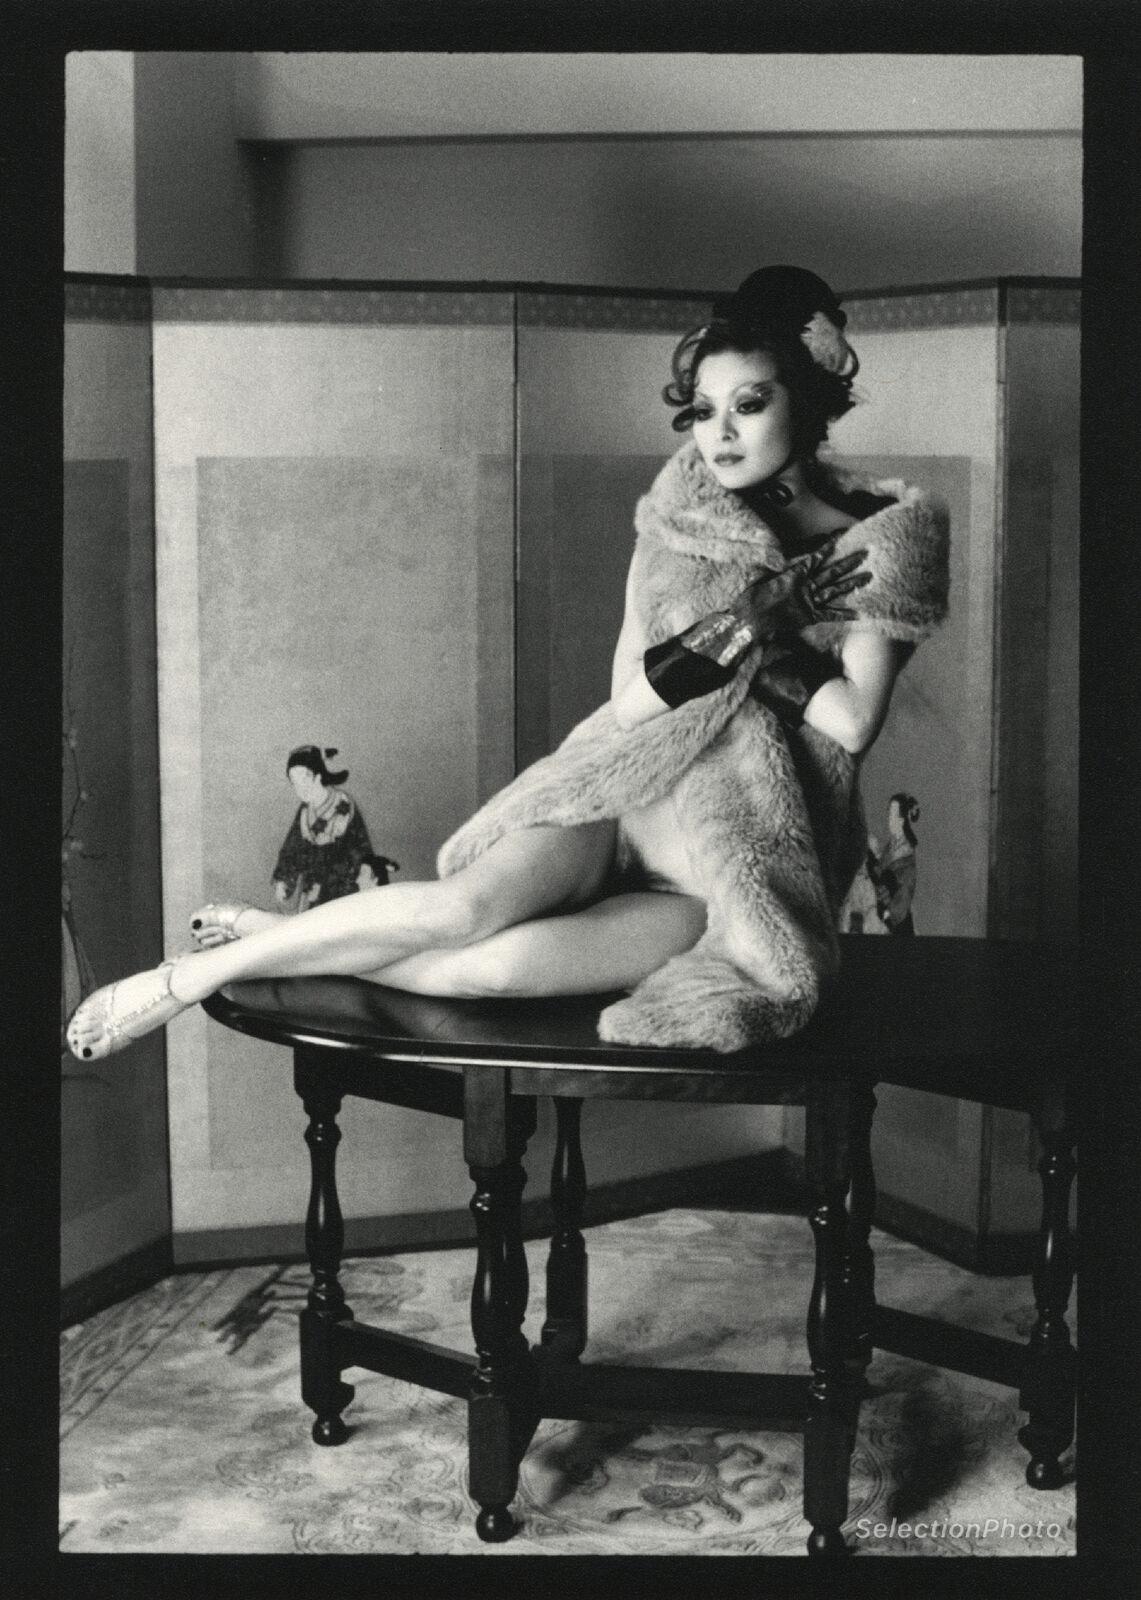 /Roberta weiss nude/ >> /roberta weiss nude photos/